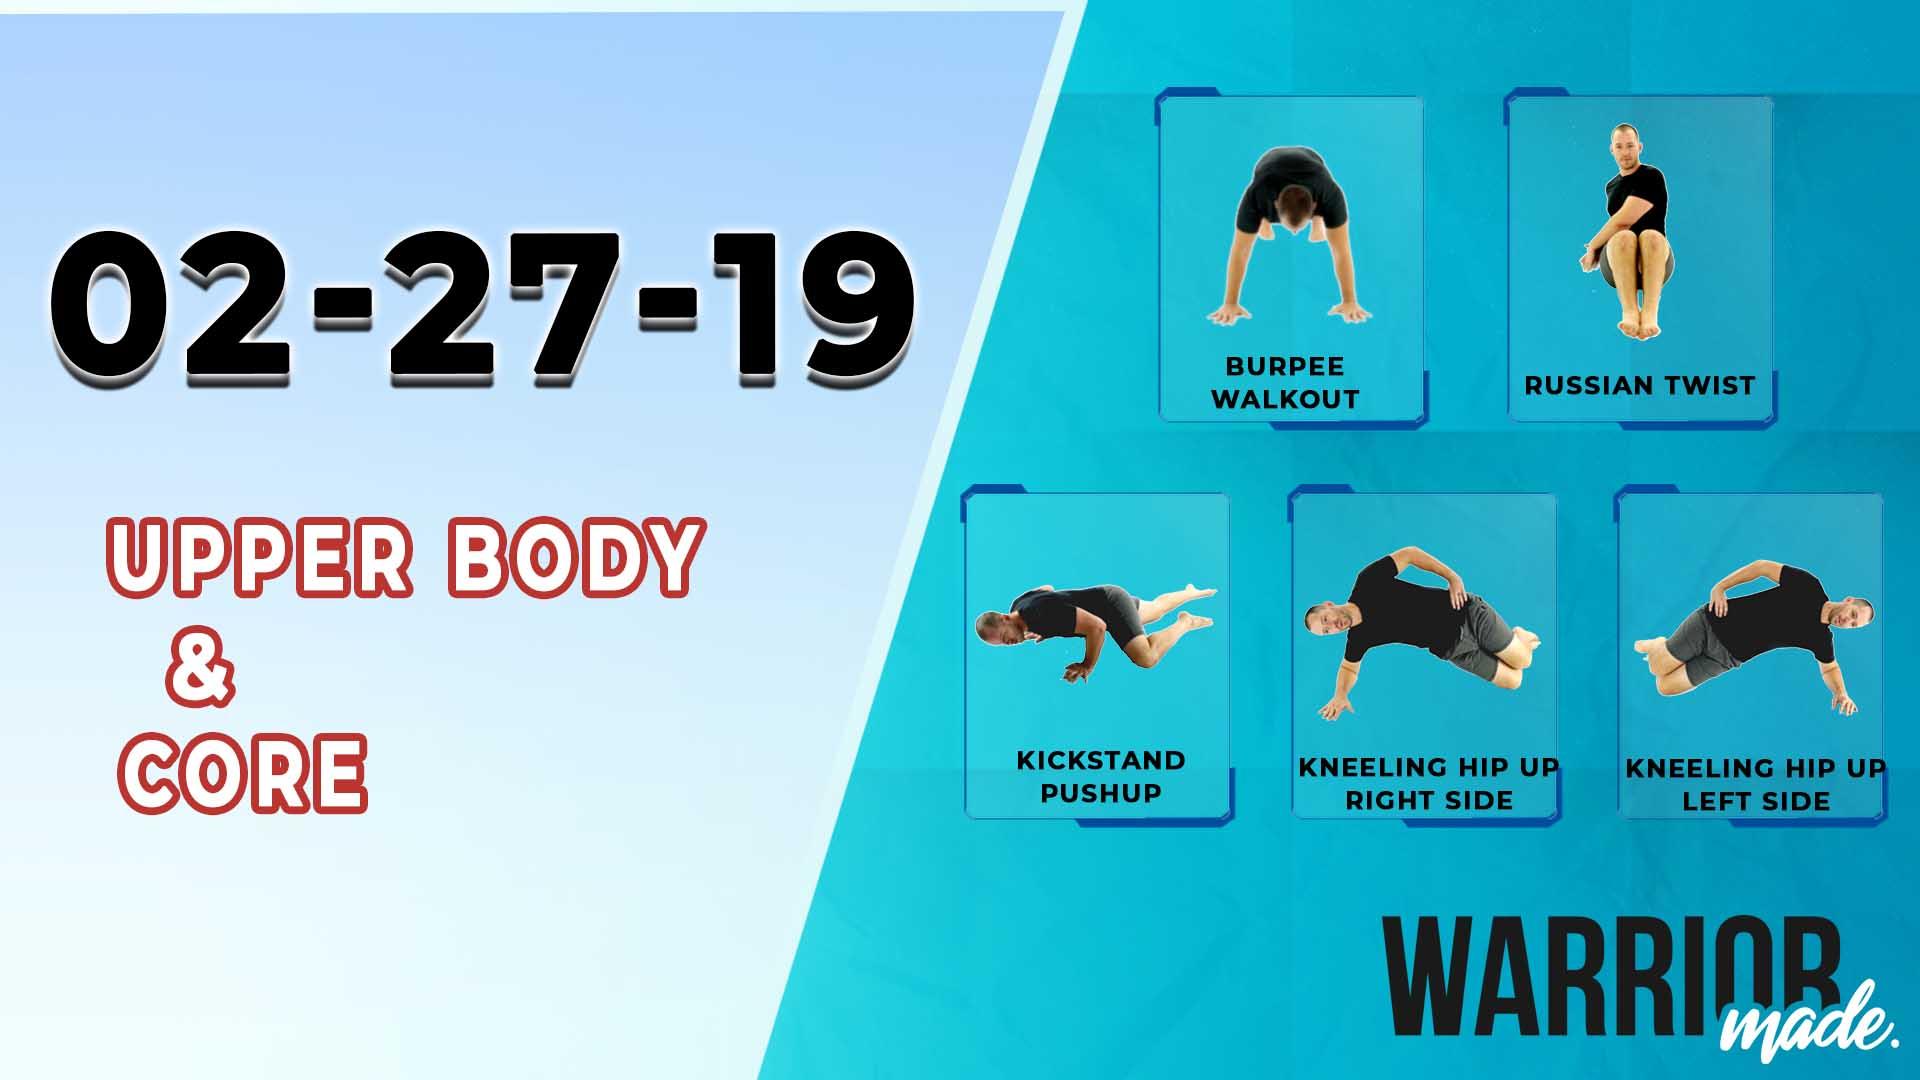 workouts-02-27-19